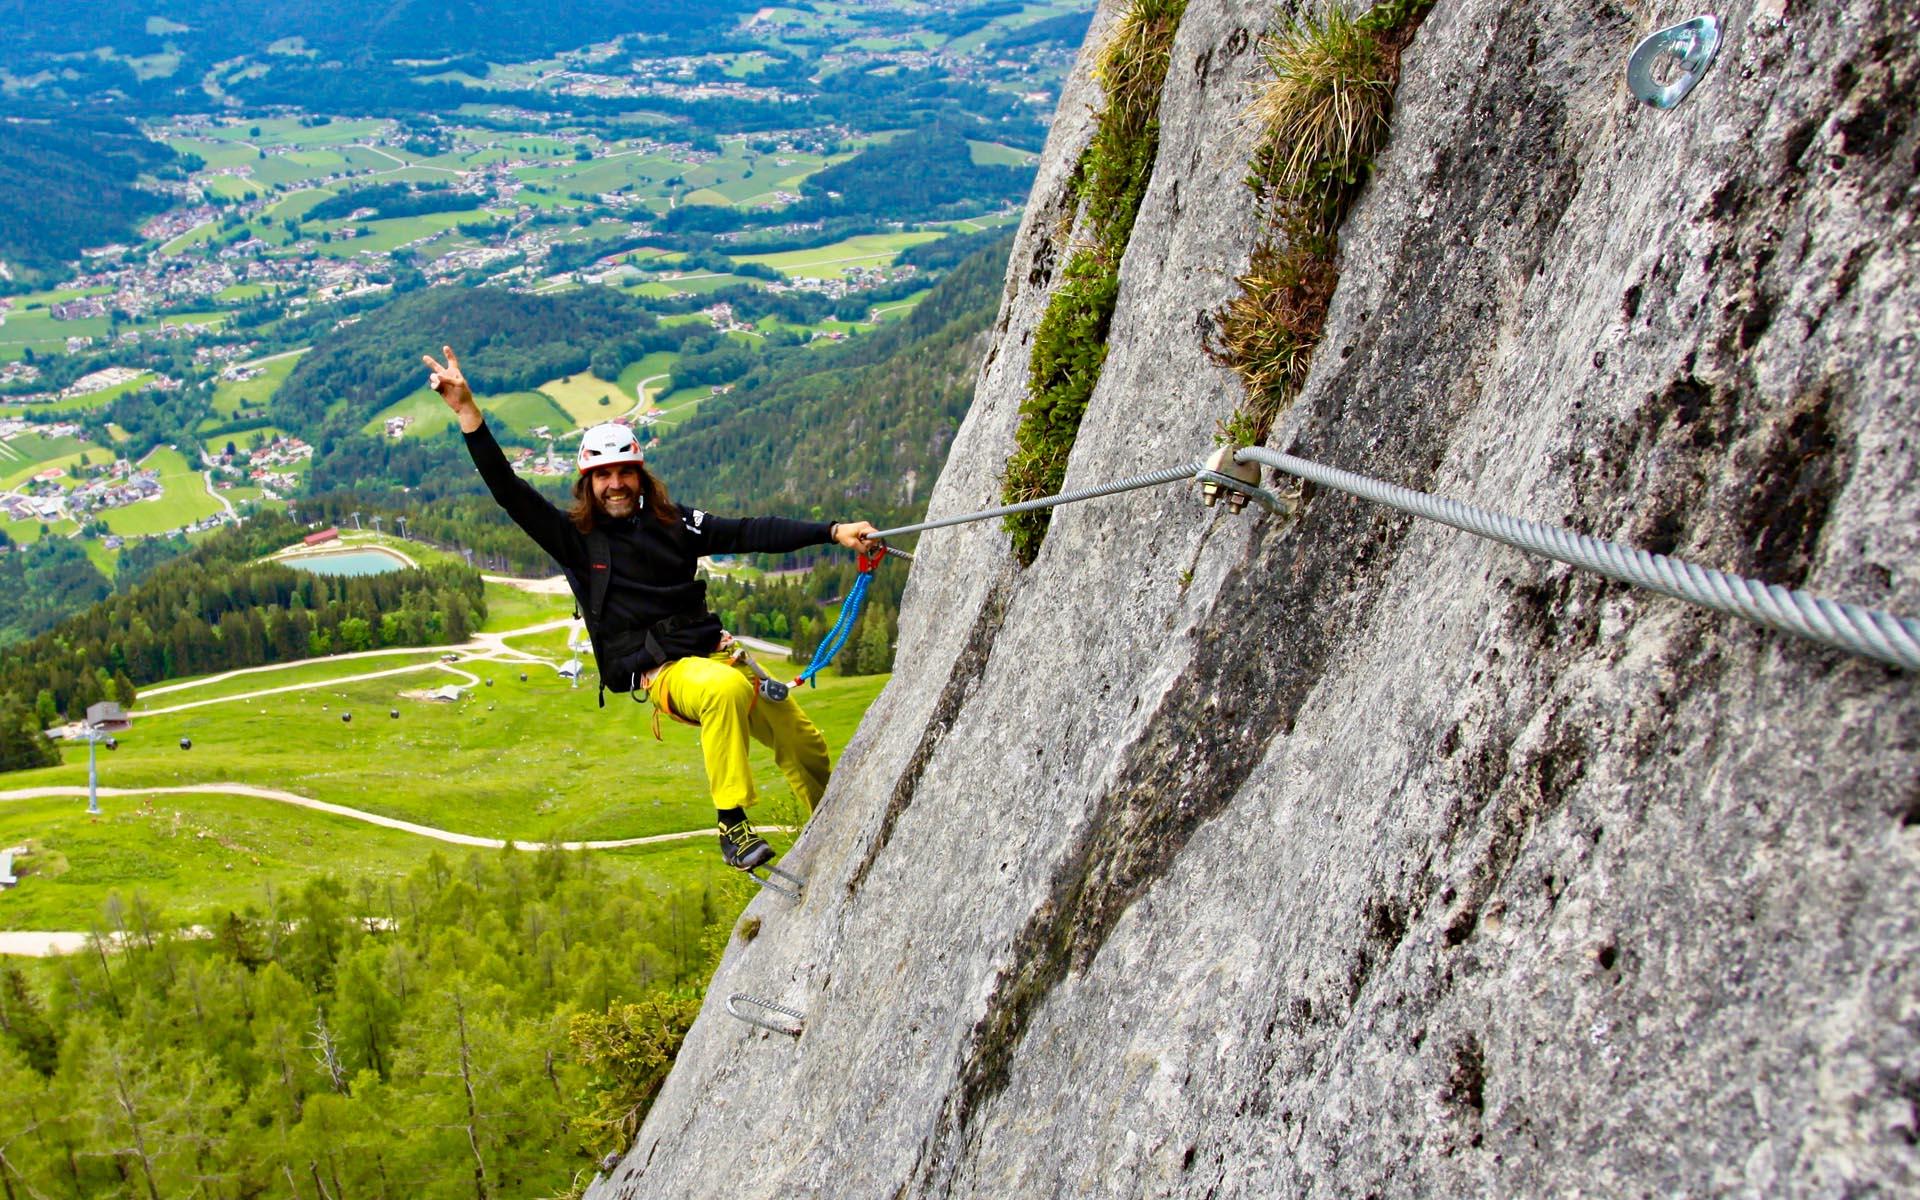 Kletterausrüstung Verleih Nürnberg : Klettersteigschule: klettersteigschule klettersteigkurs